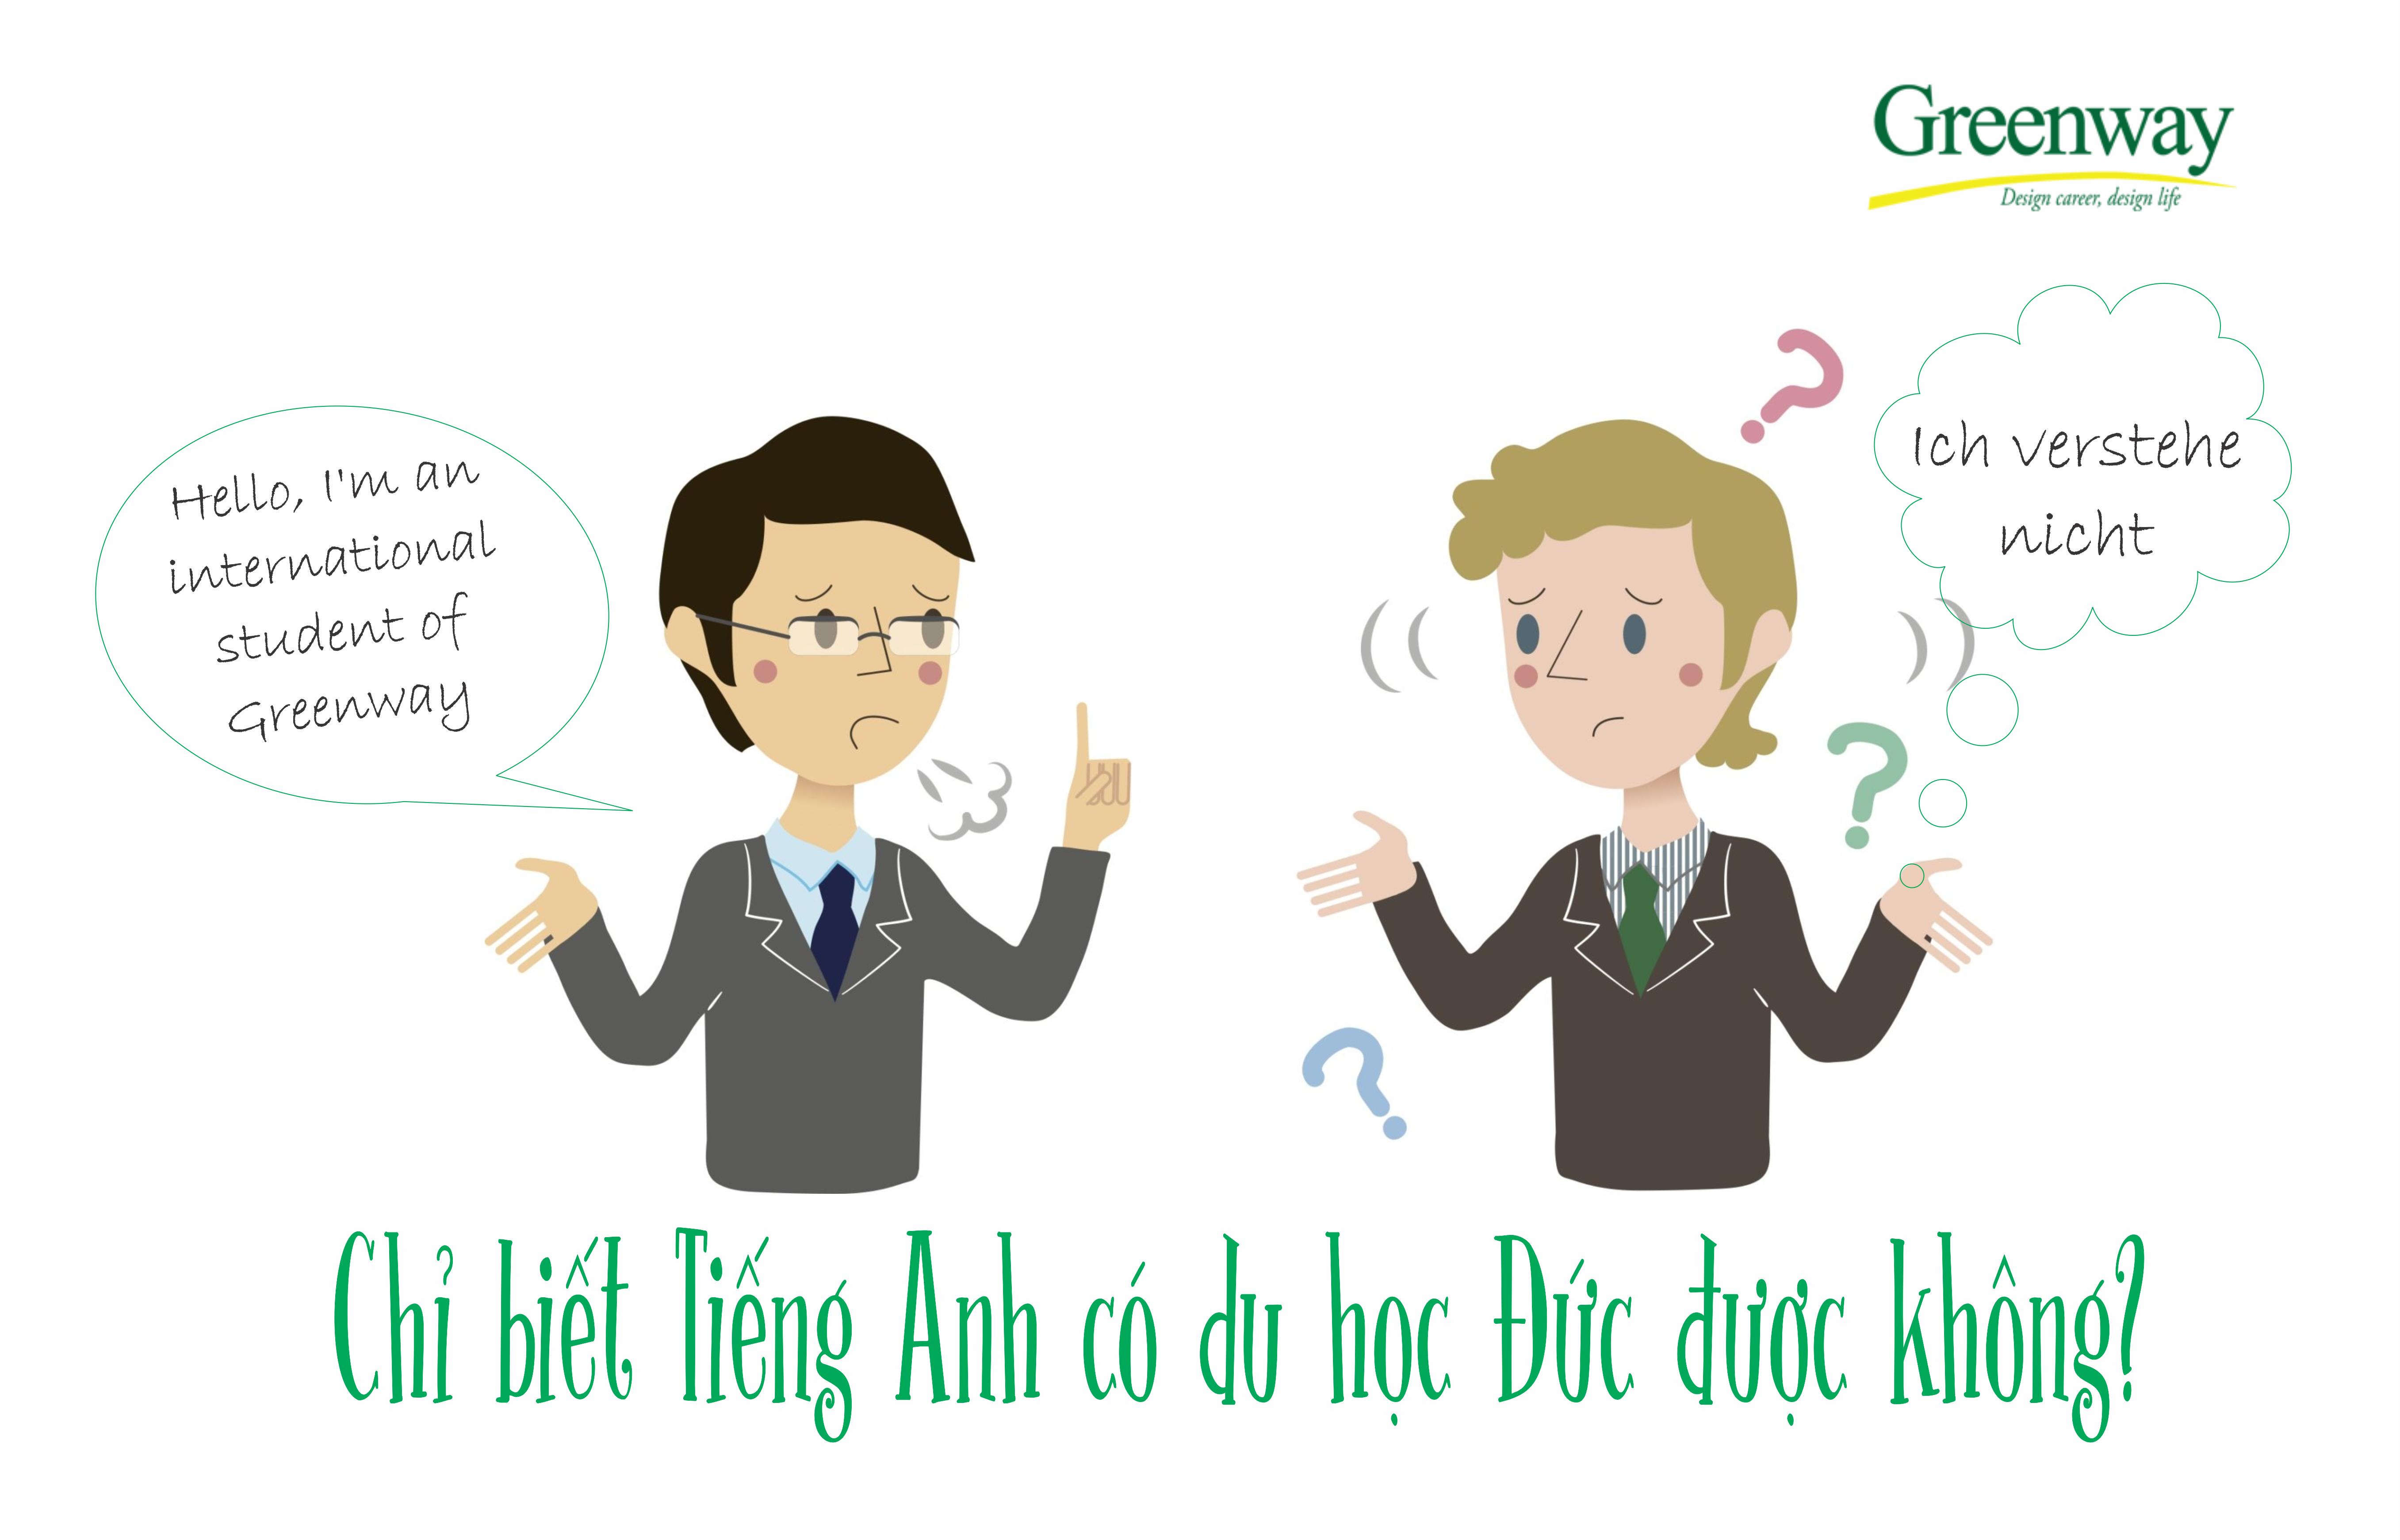 Chỉ biết tiếng anh có đi du học nghề Đức được không ?